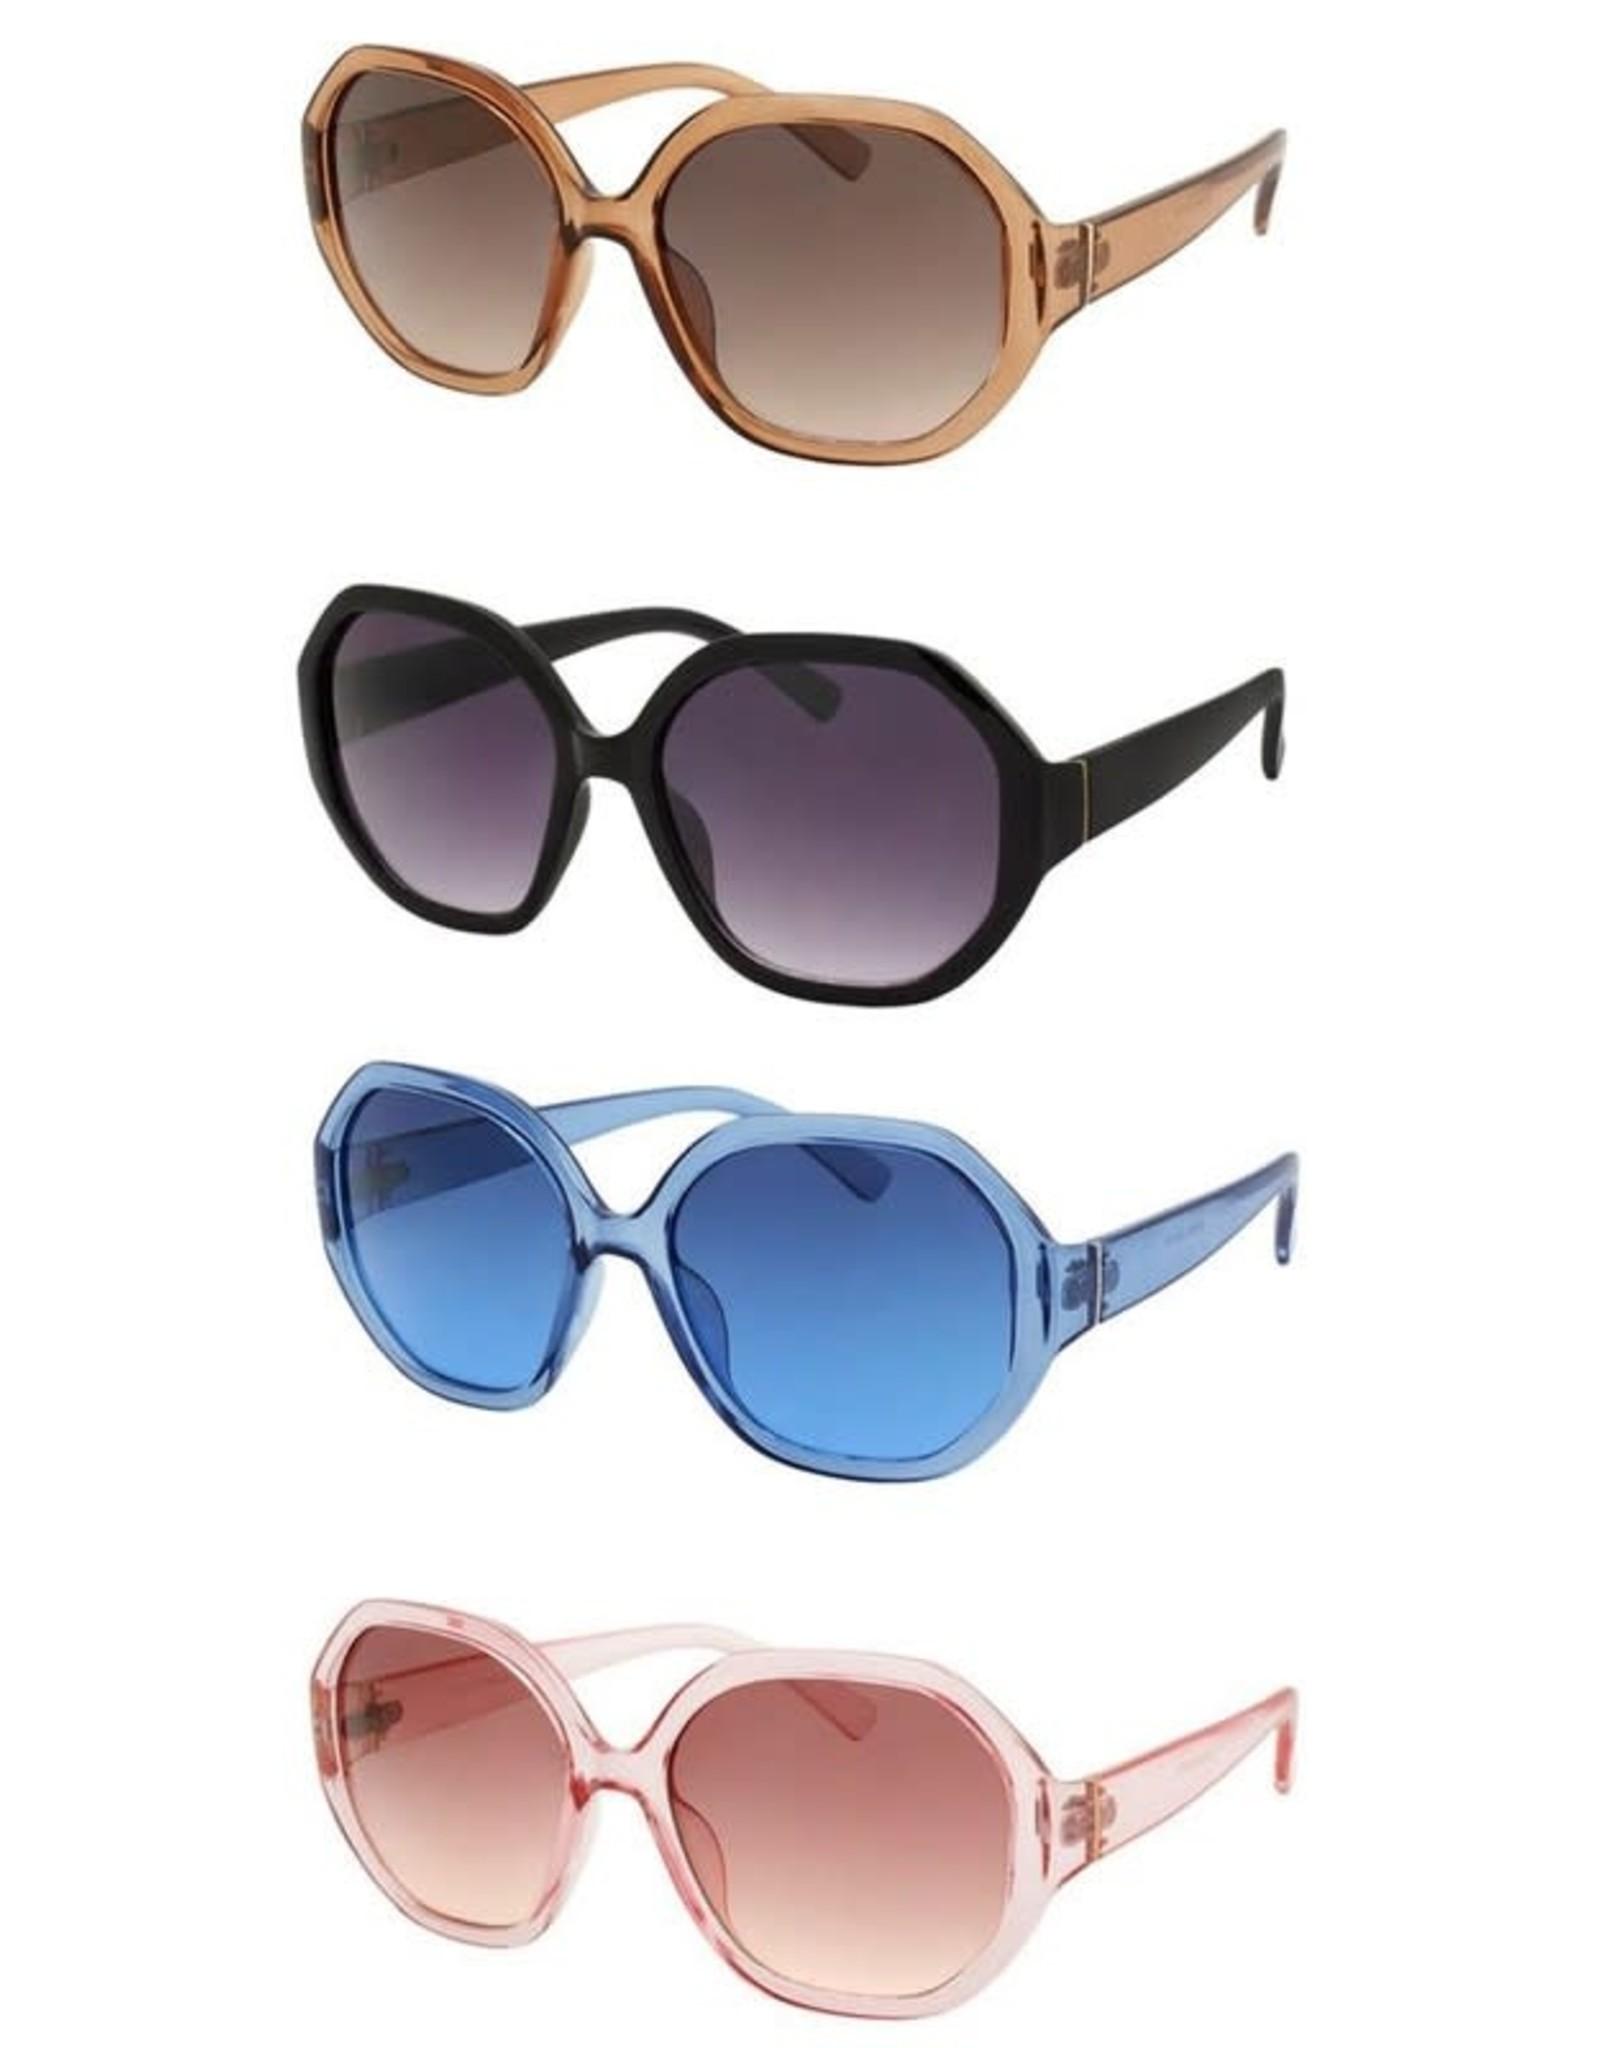 Funteze Accessories DIM Sunglasses